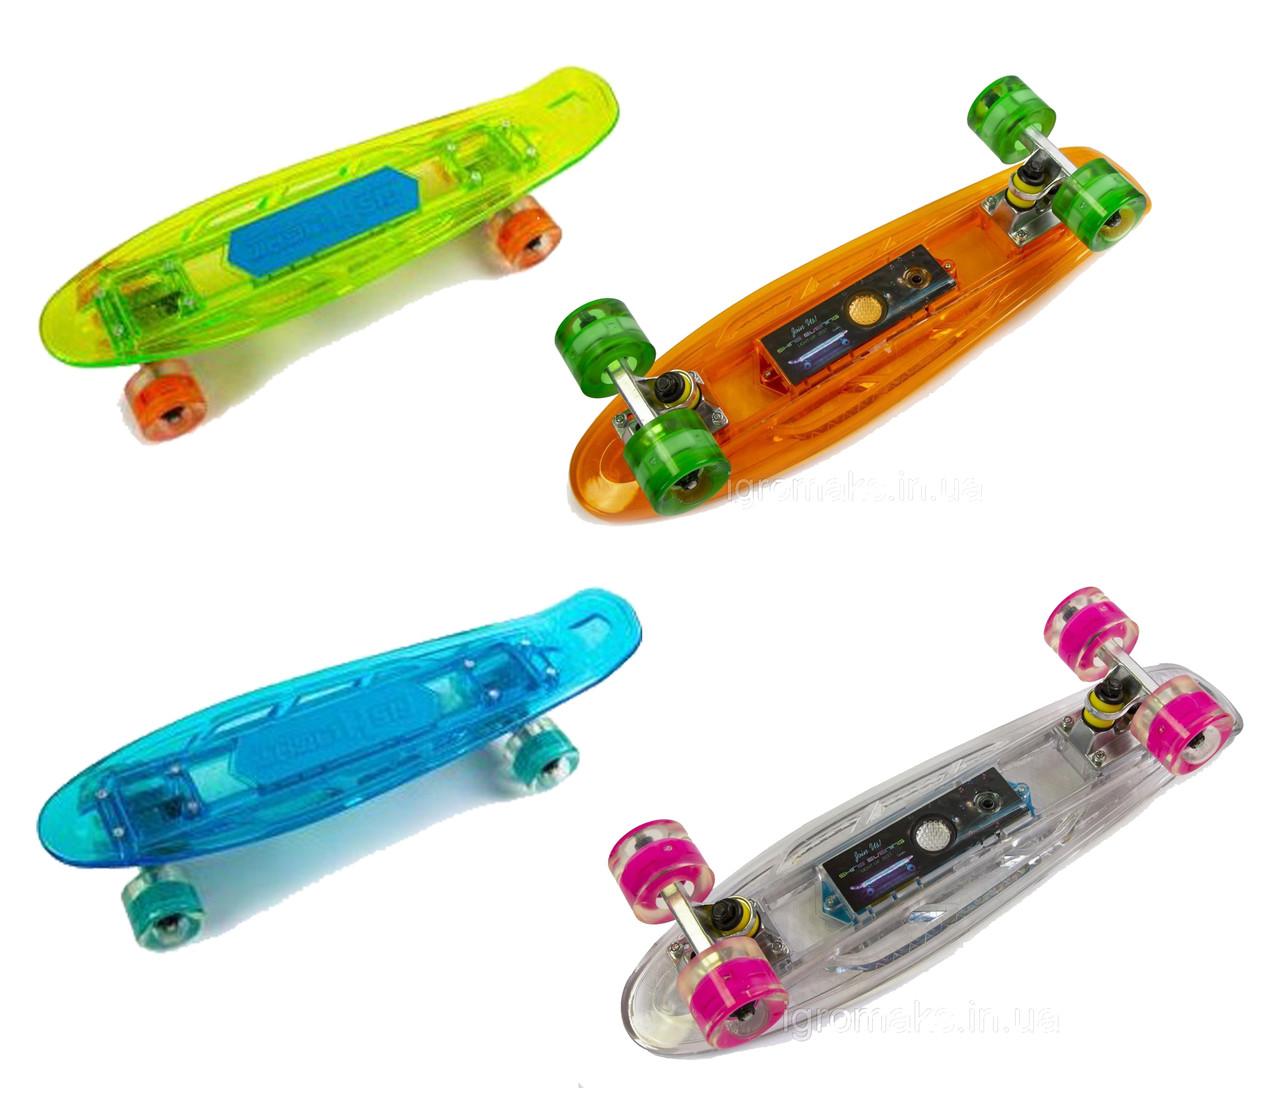 Скейтборд Пенниборд Fish Skateboards Original Музыкальная и светящаяся дека